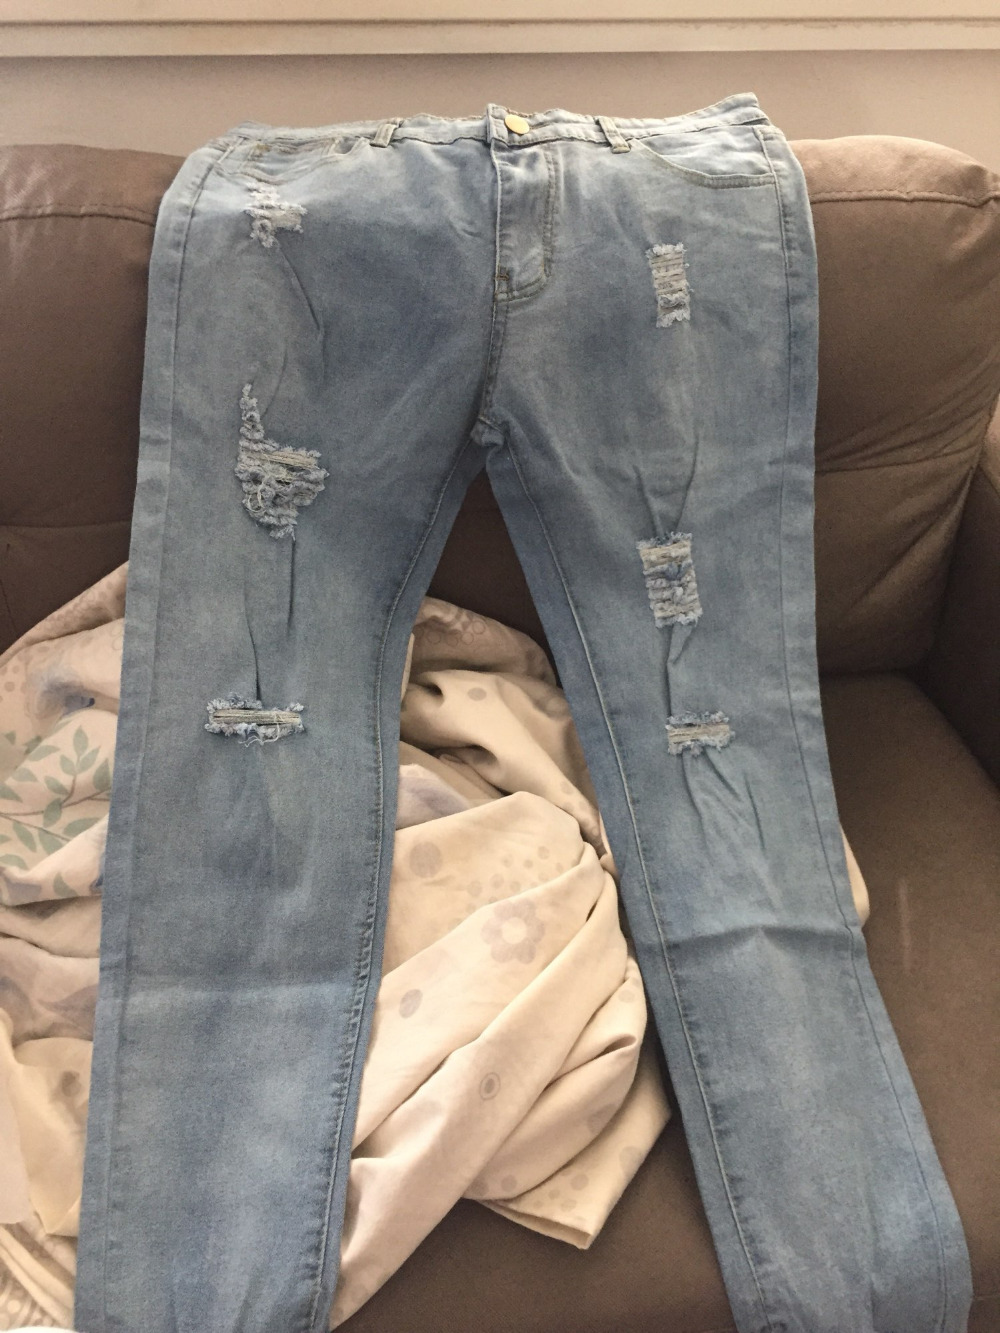 Материал:: Джинсовая; хип-хоп человек; крем тонкий; кошка джинсы мужчины;